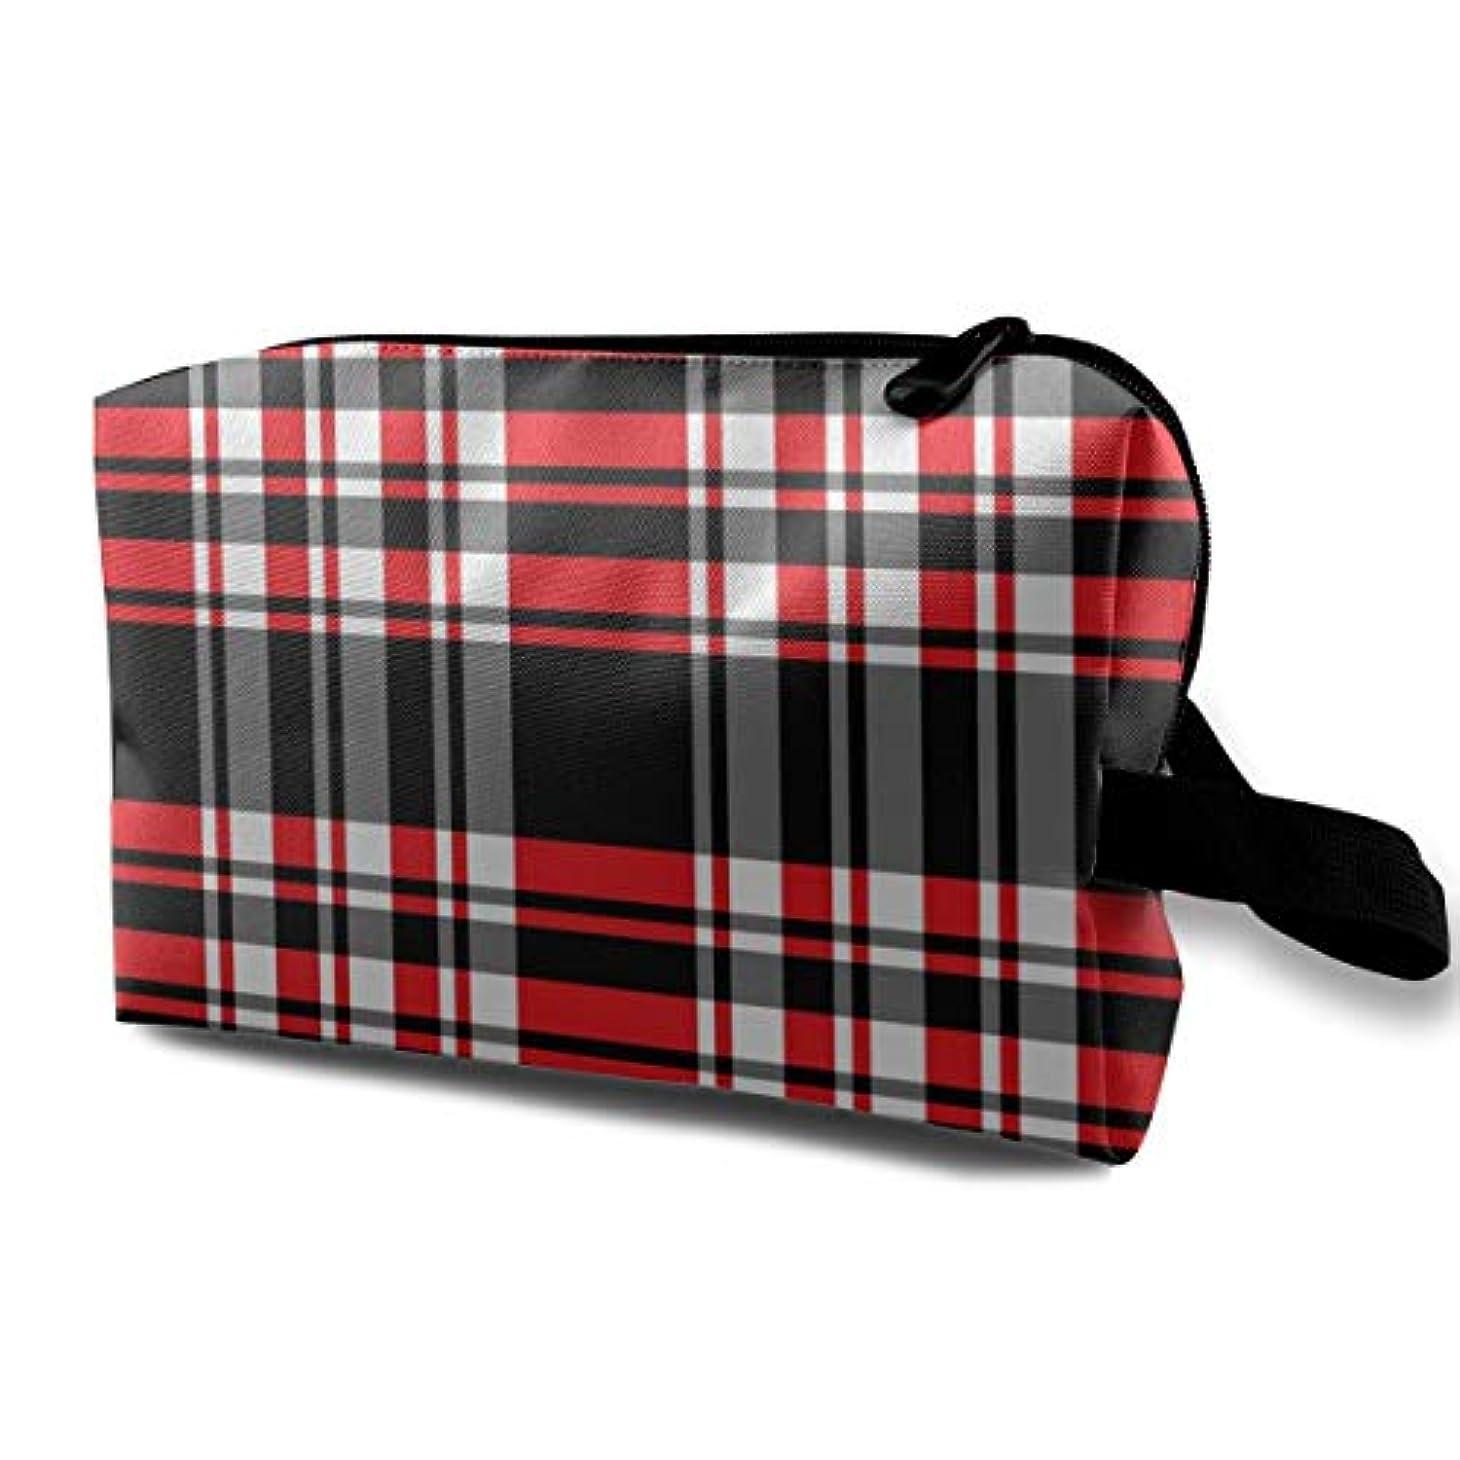 カメラ西ヒントPlaid Red Black Stripes 収納ポーチ 化粧ポーチ 大容量 軽量 耐久性 ハンドル付持ち運び便利。入れ 自宅?出張?旅行?アウトドア撮影などに対応。メンズ レディース トラベルグッズ